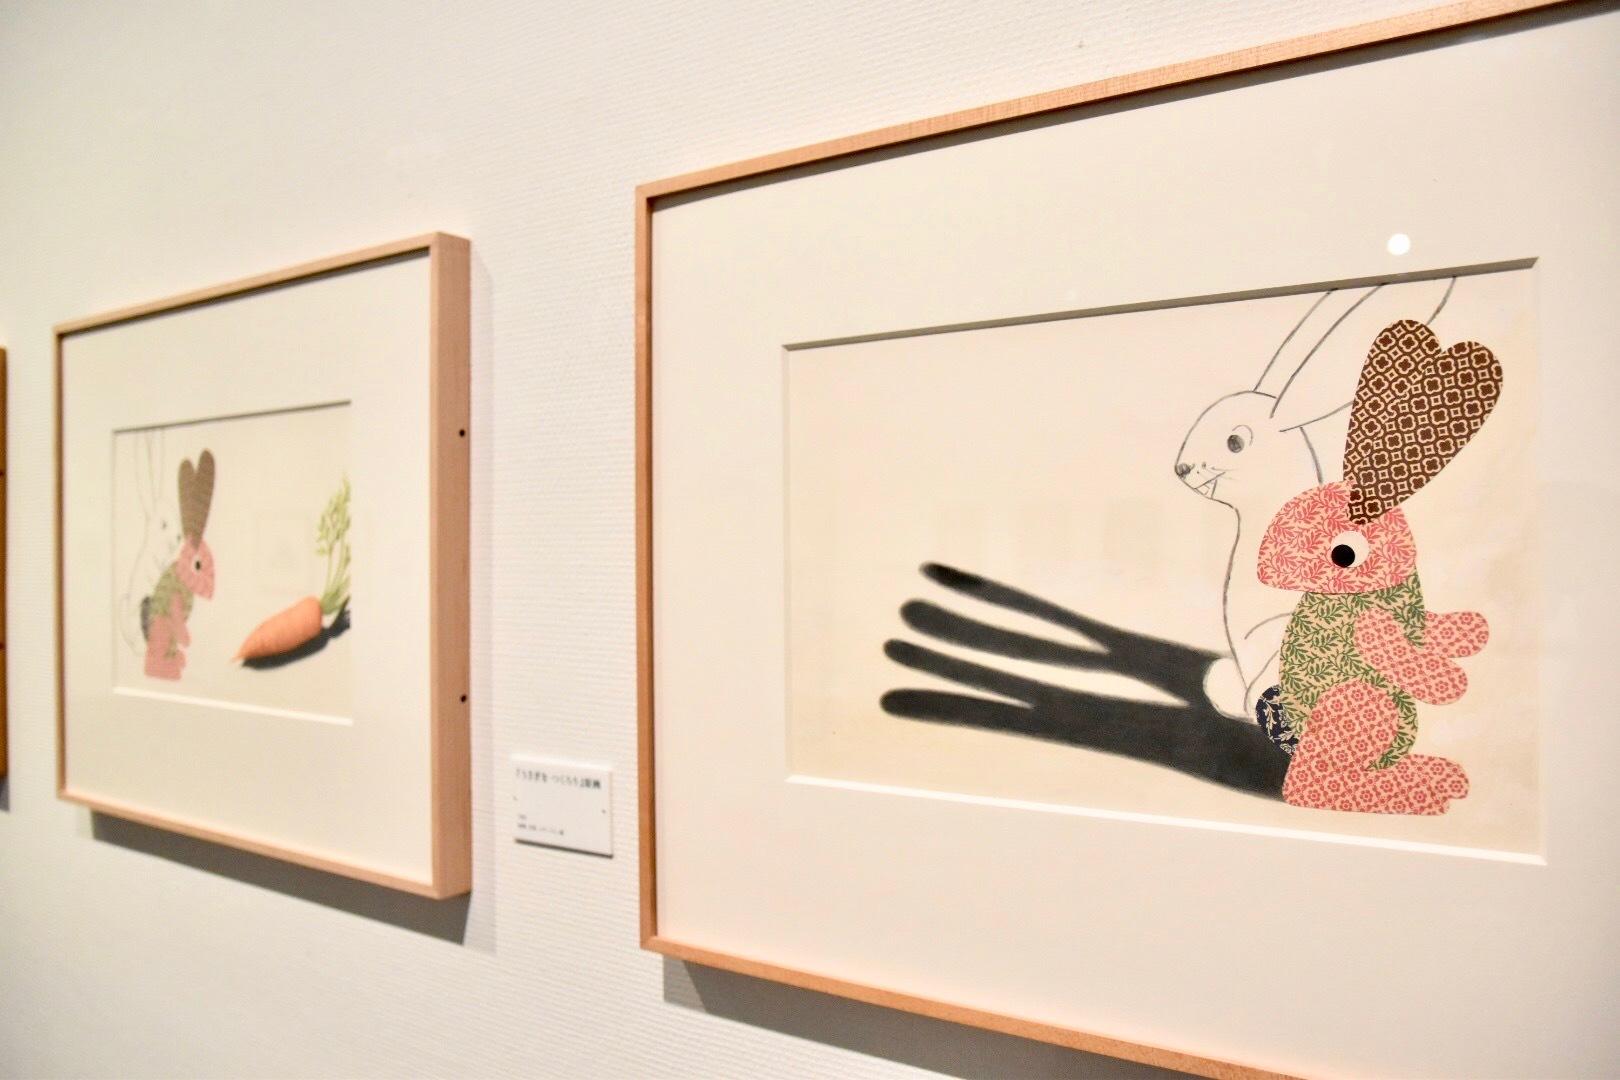 『うざぎを つくろう』原画 1982年 アニー・レオーニ氏所蔵